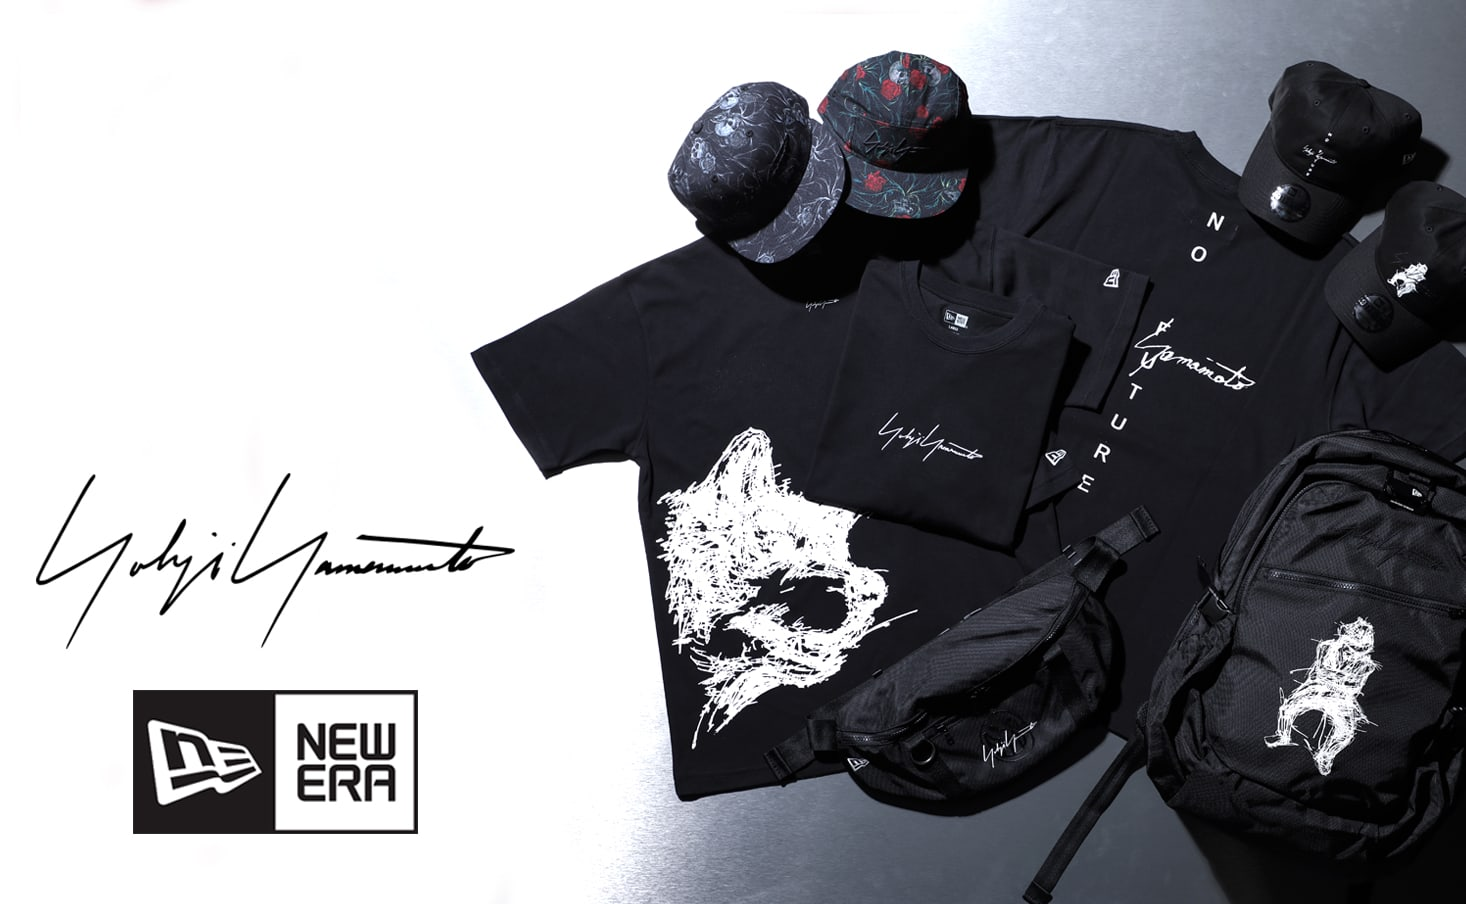 New Era × Yohji Yamamoto 21SS Release Notice